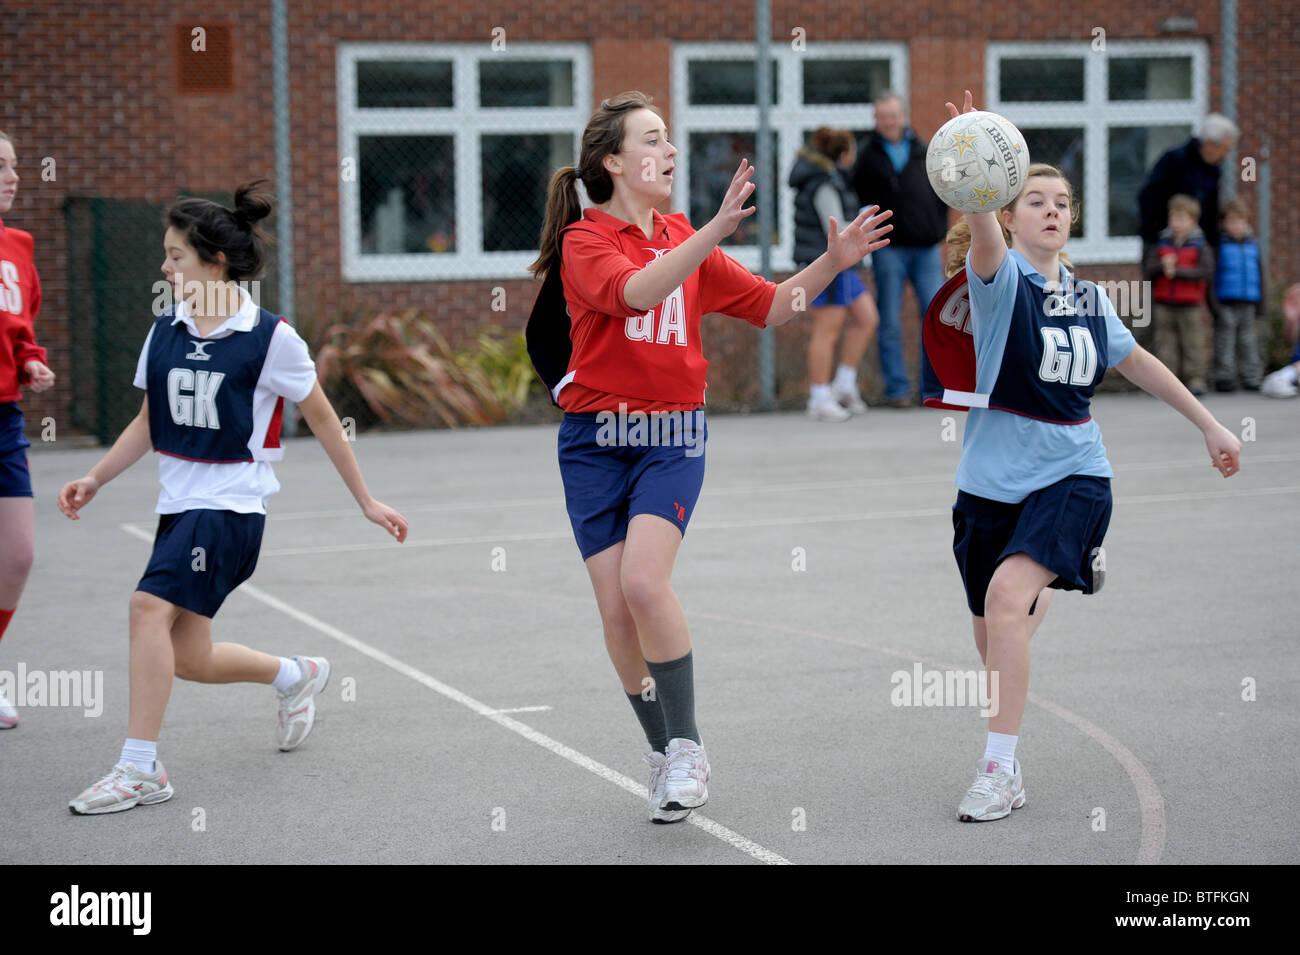 Les jeunes prennent part à un tournoi de Rugby inter-écoles. Photos par Alan Edwards Photo Stock